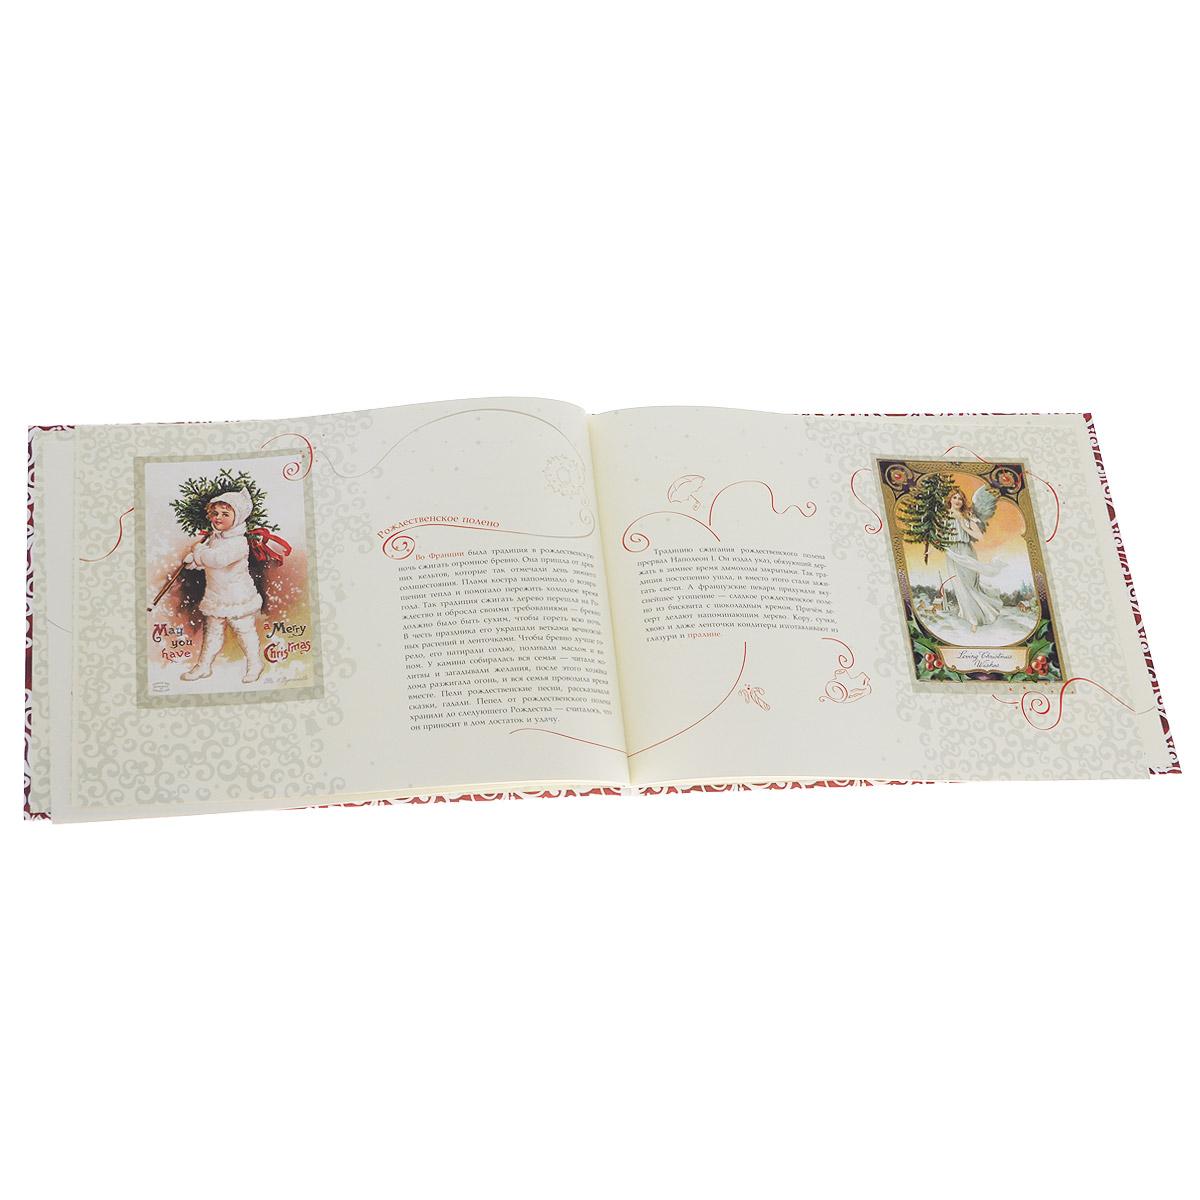 История Рождества. Стихи, открытки, поздравления. Альбом для семейного чтения